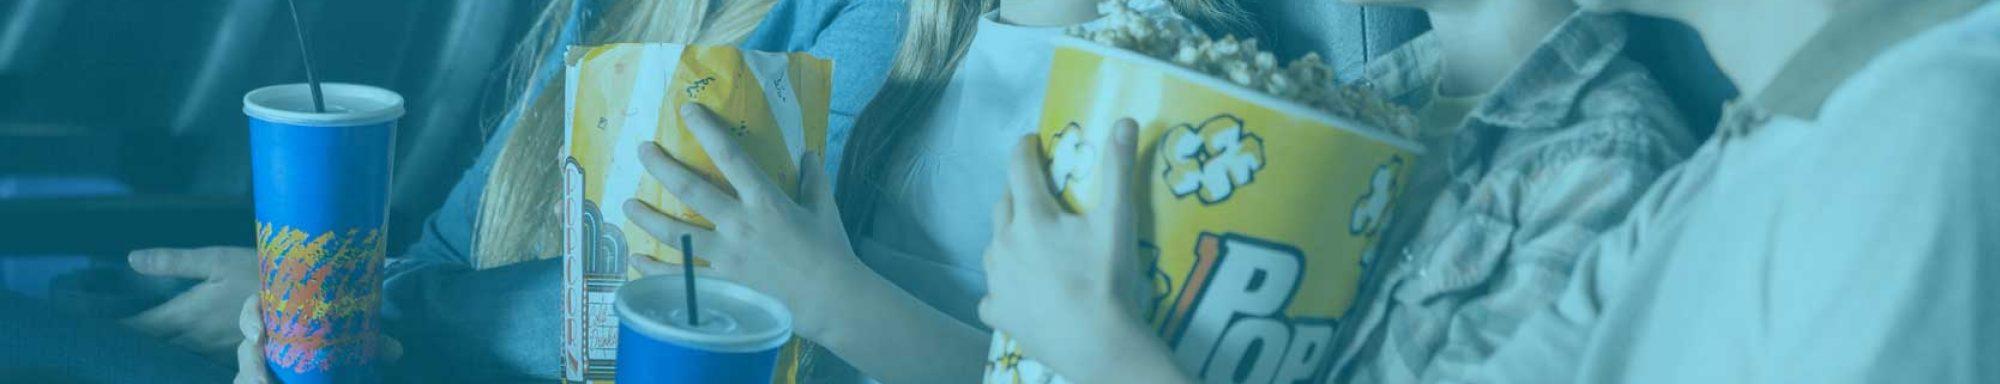 Cinetrend - Trailer zu aktuellen Kinofilmen